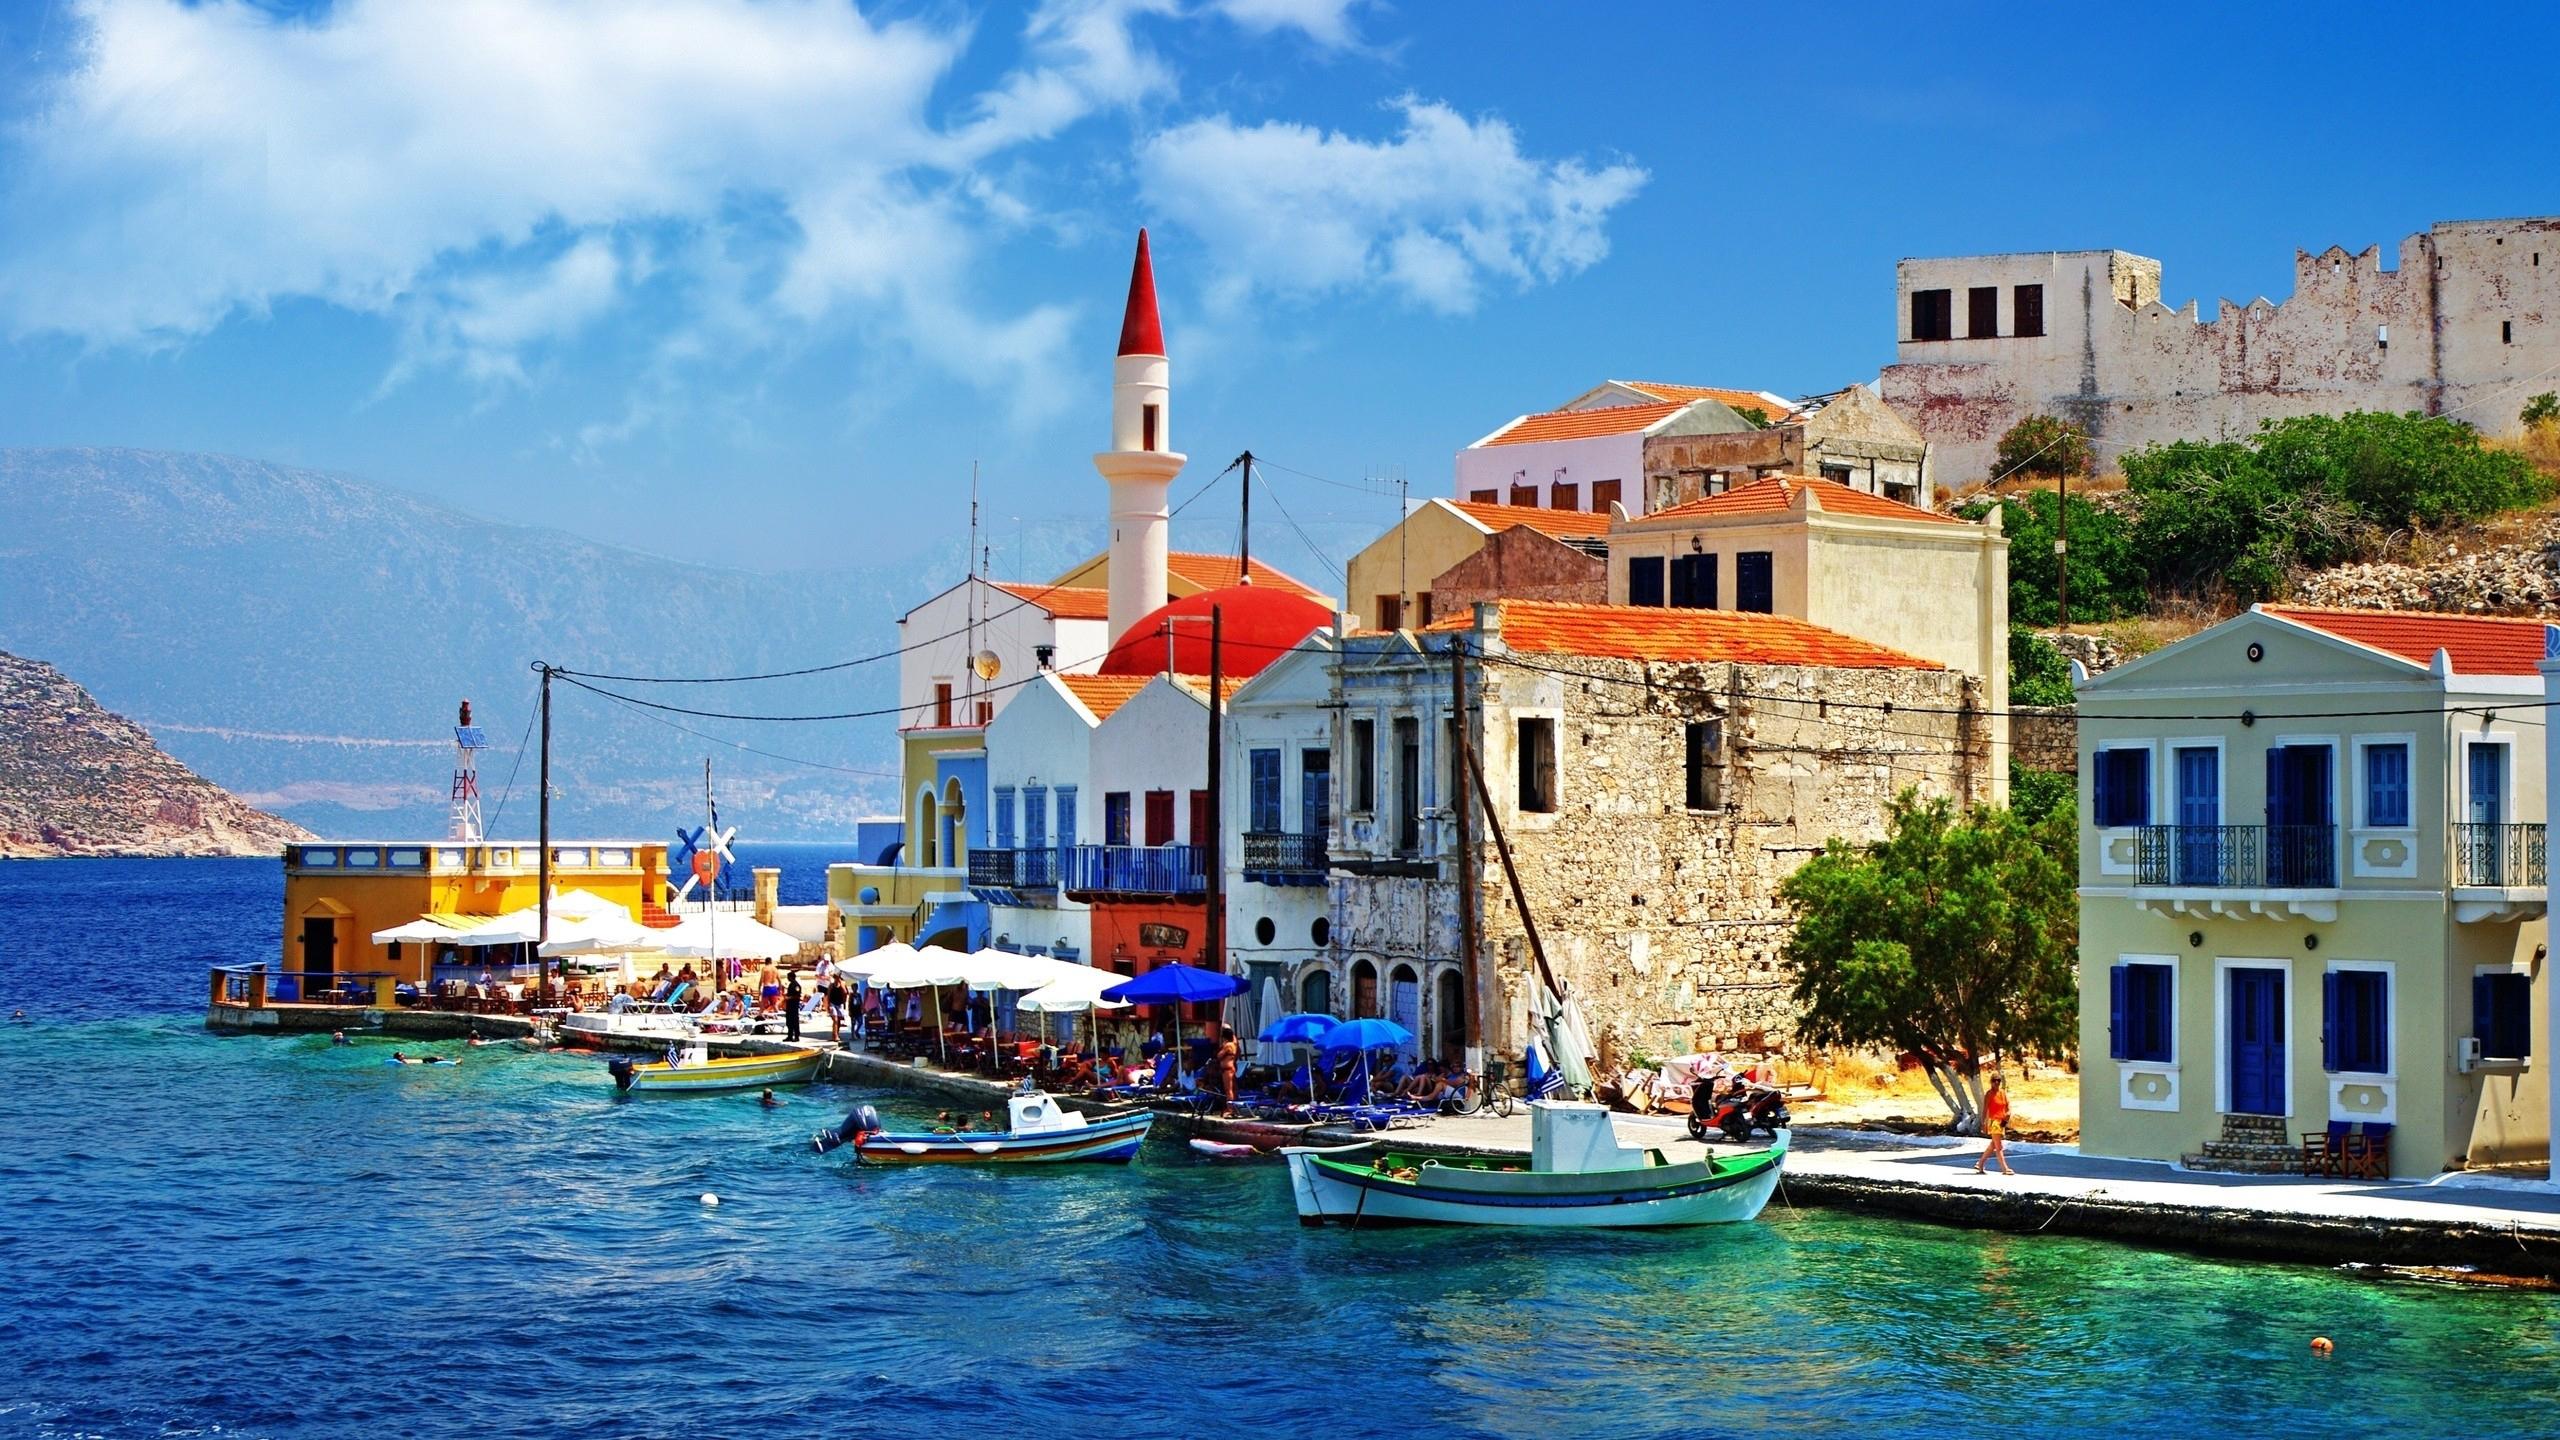 download wallpaper 2560x1440 greece, dock, boat, building widescreen